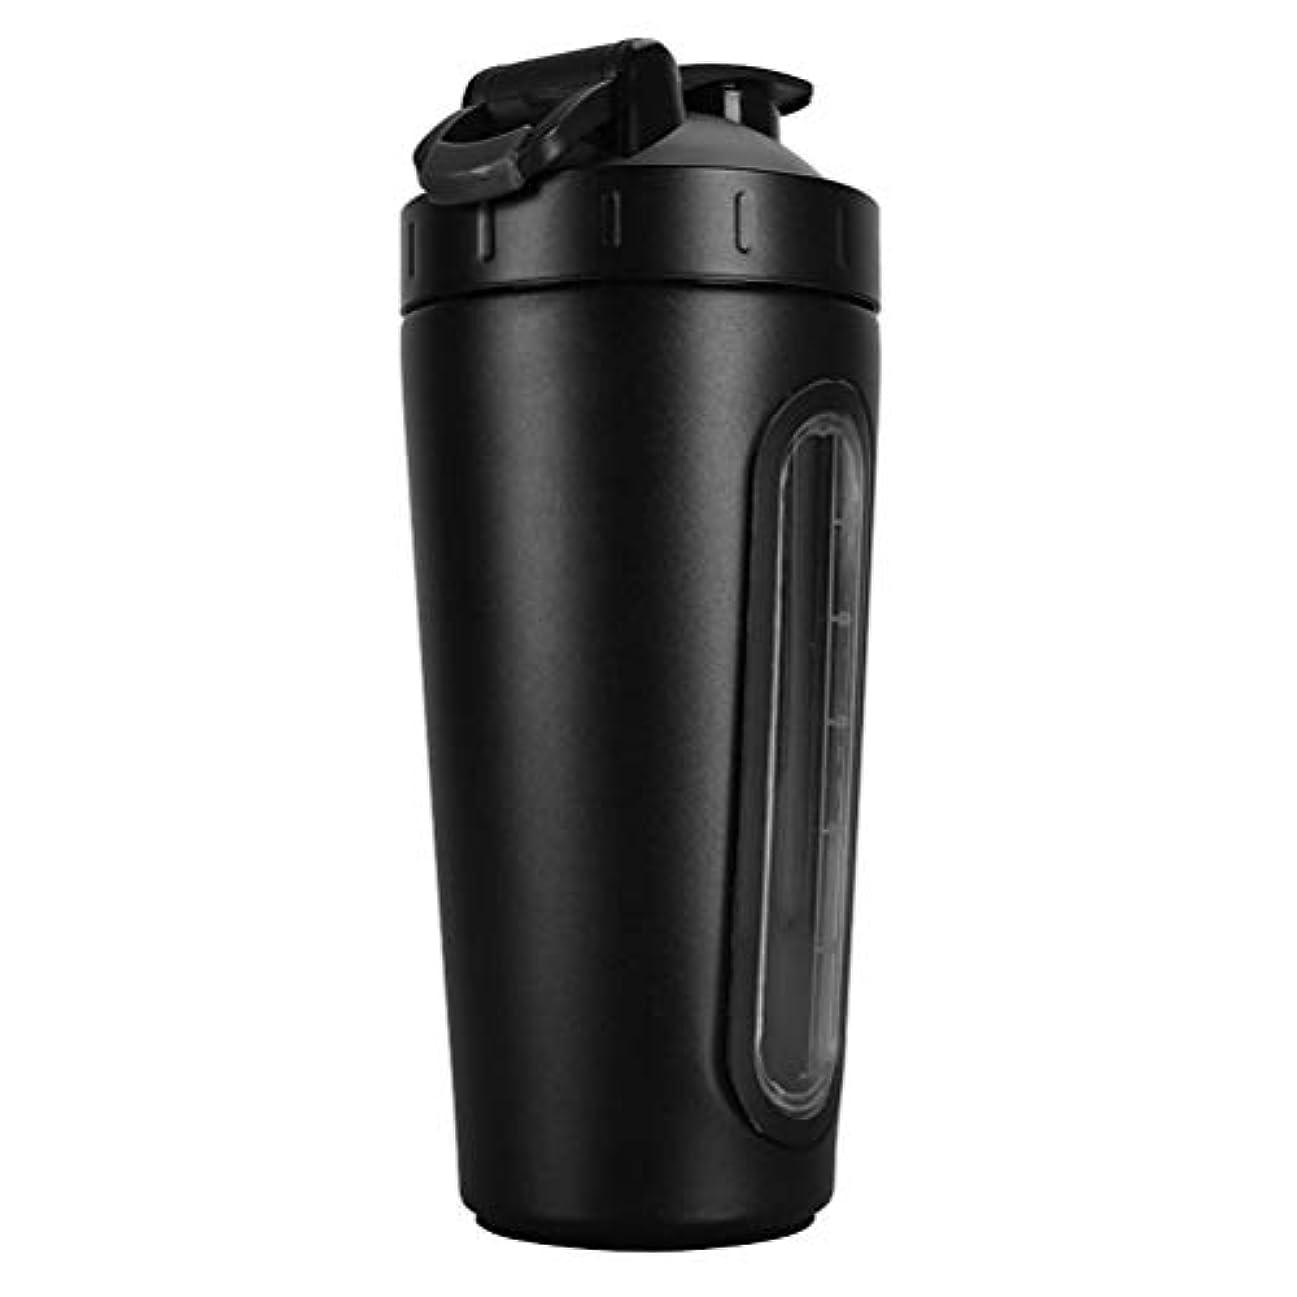 添付掘るシャンパンErose-BD 2019新型 304ステンレスプロテインシェイカーボトル プロテインシェイカー シェイカー ボトル 水筒 ウォーターボトル (800ml) 1個 黒